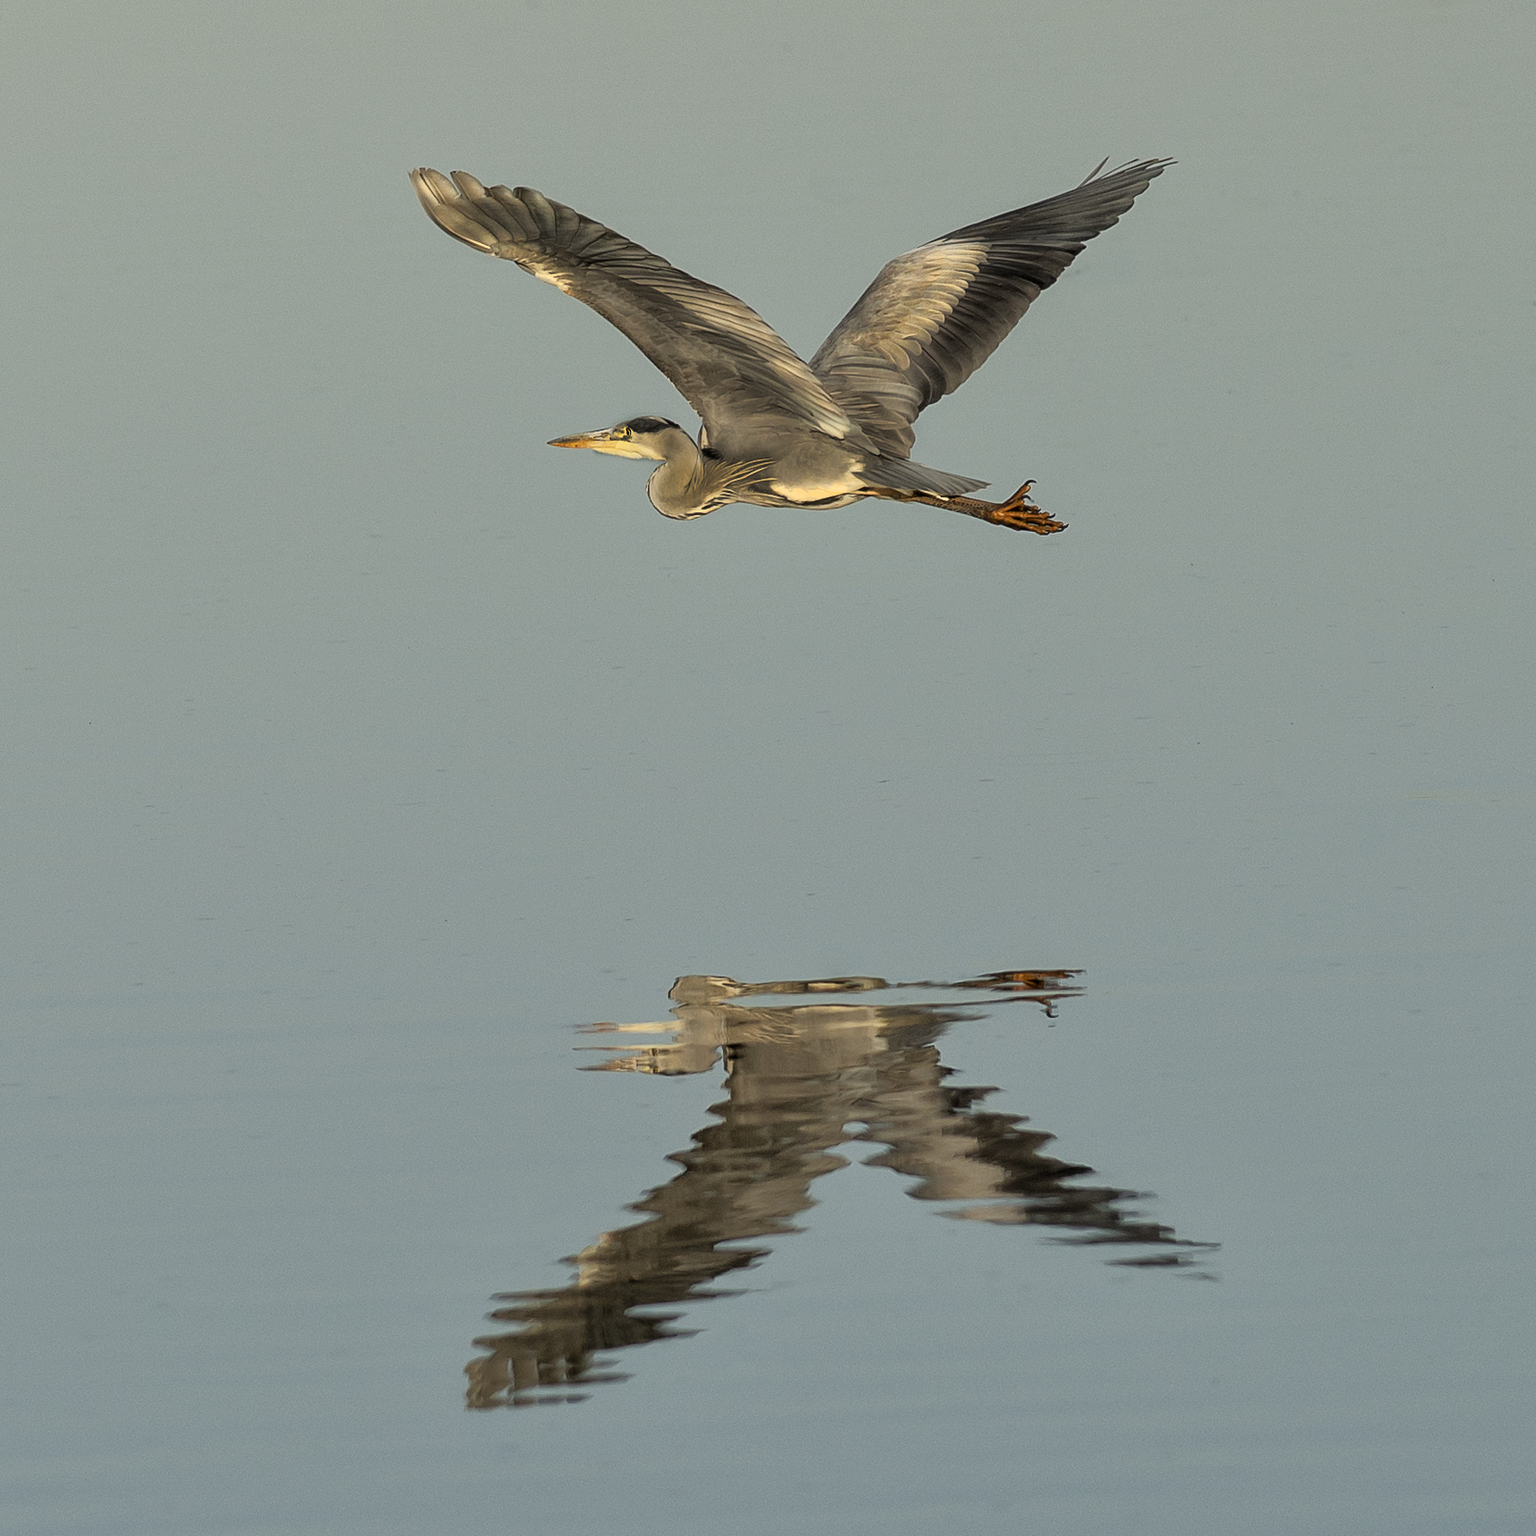 Reiger - Reiger met reflectie in het water - foto door corinnec op 12-04-2021 - locatie: Oss, Nederland - deze foto bevat: vogel, accipitridae, bek, valk, veer, lucht, falconiformes, accipitriformes, roofvogel, adelaar